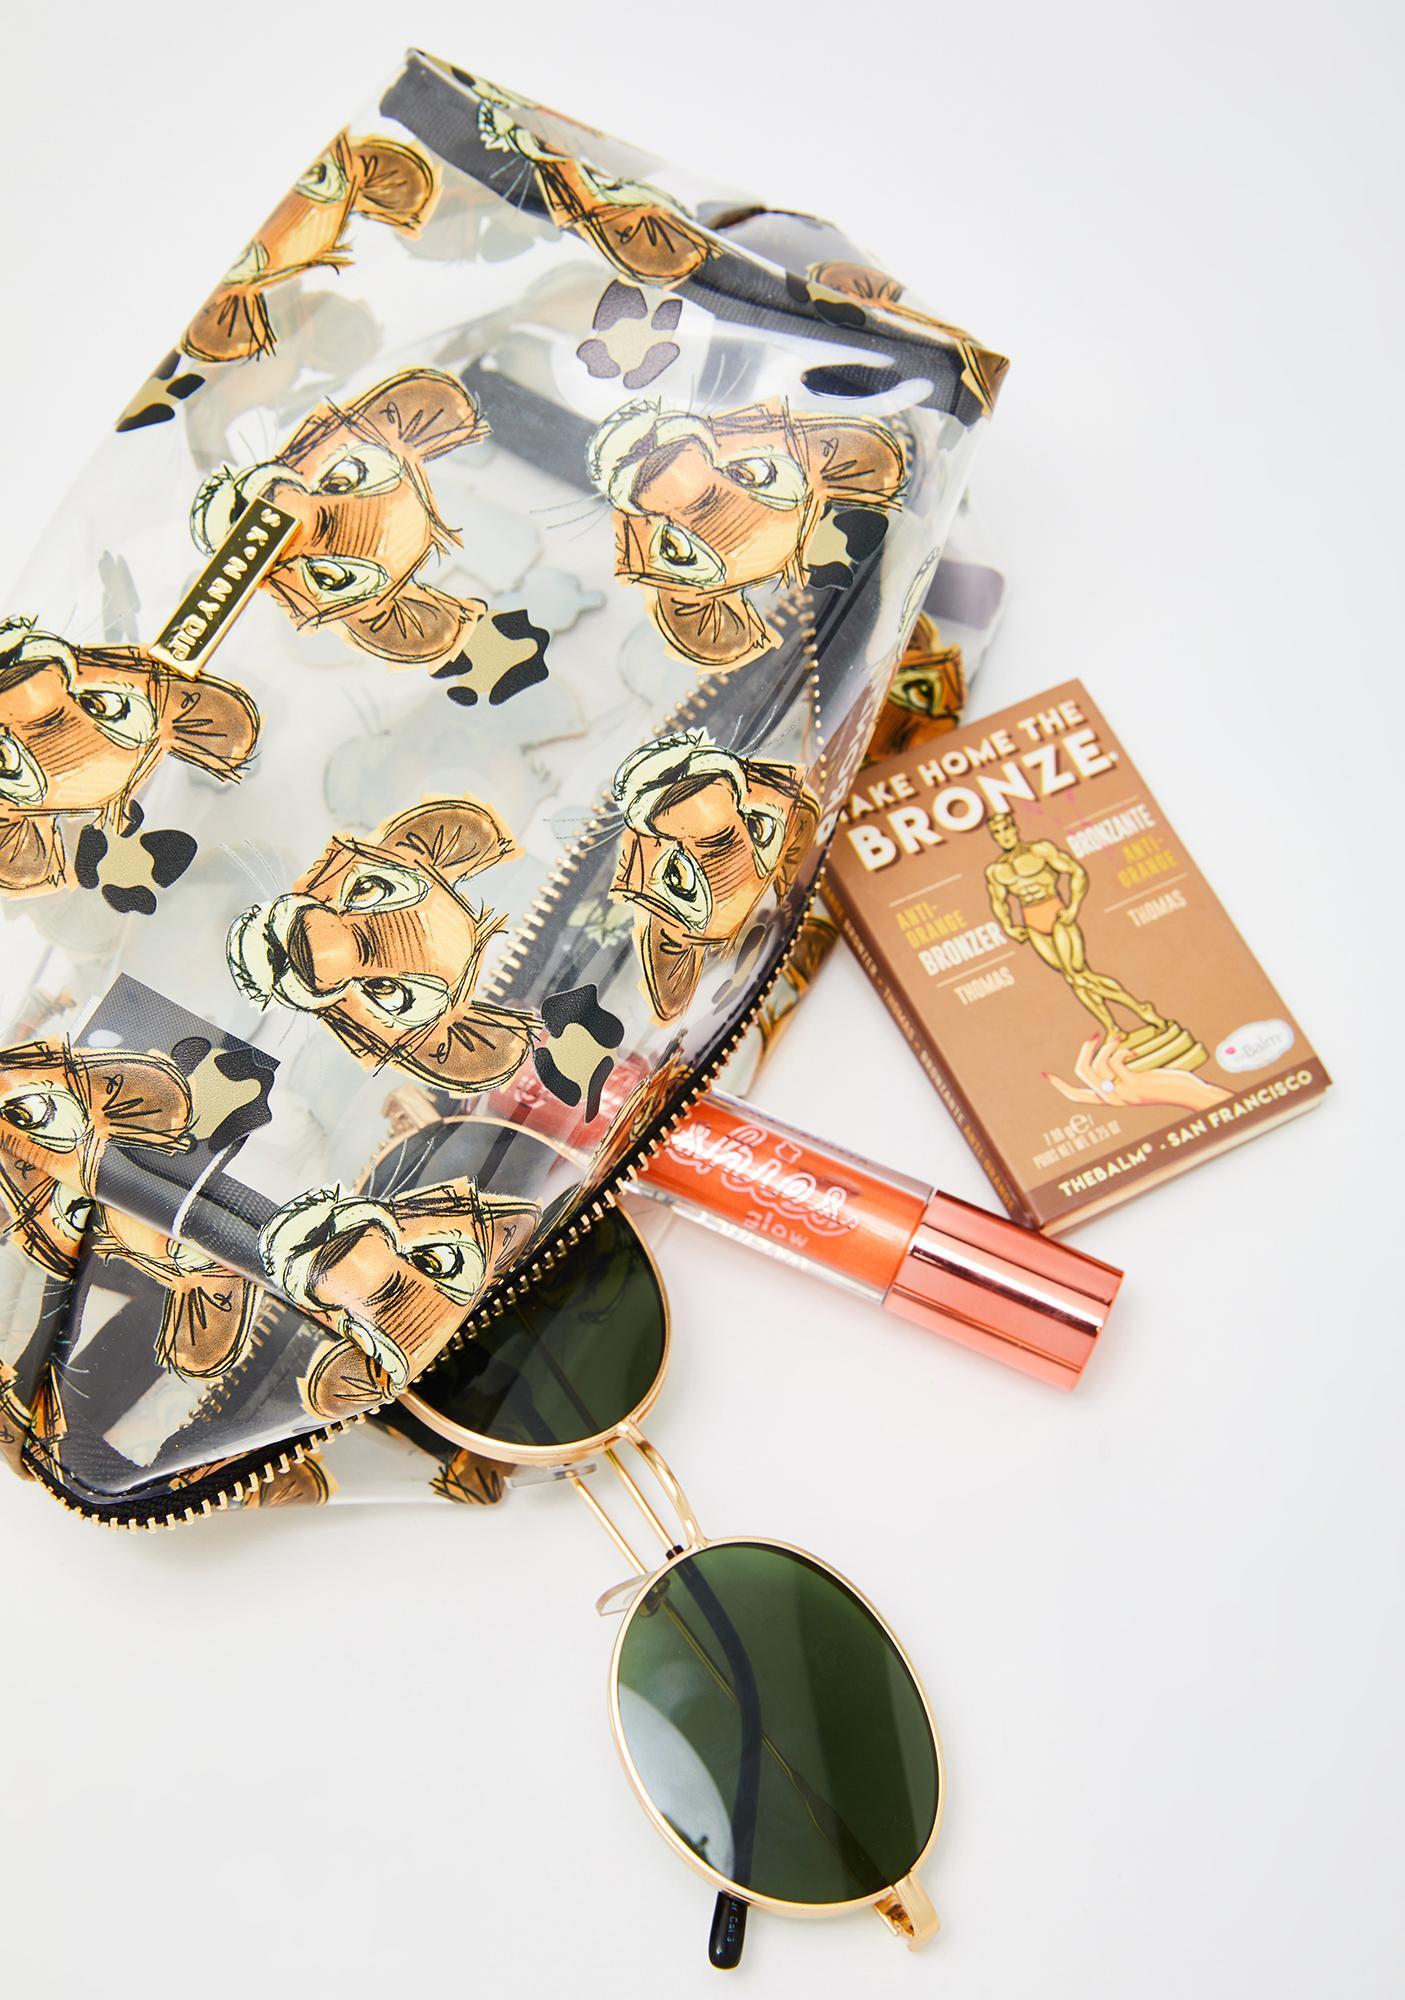 Skinnydip x Disney Simba Makeup Bag